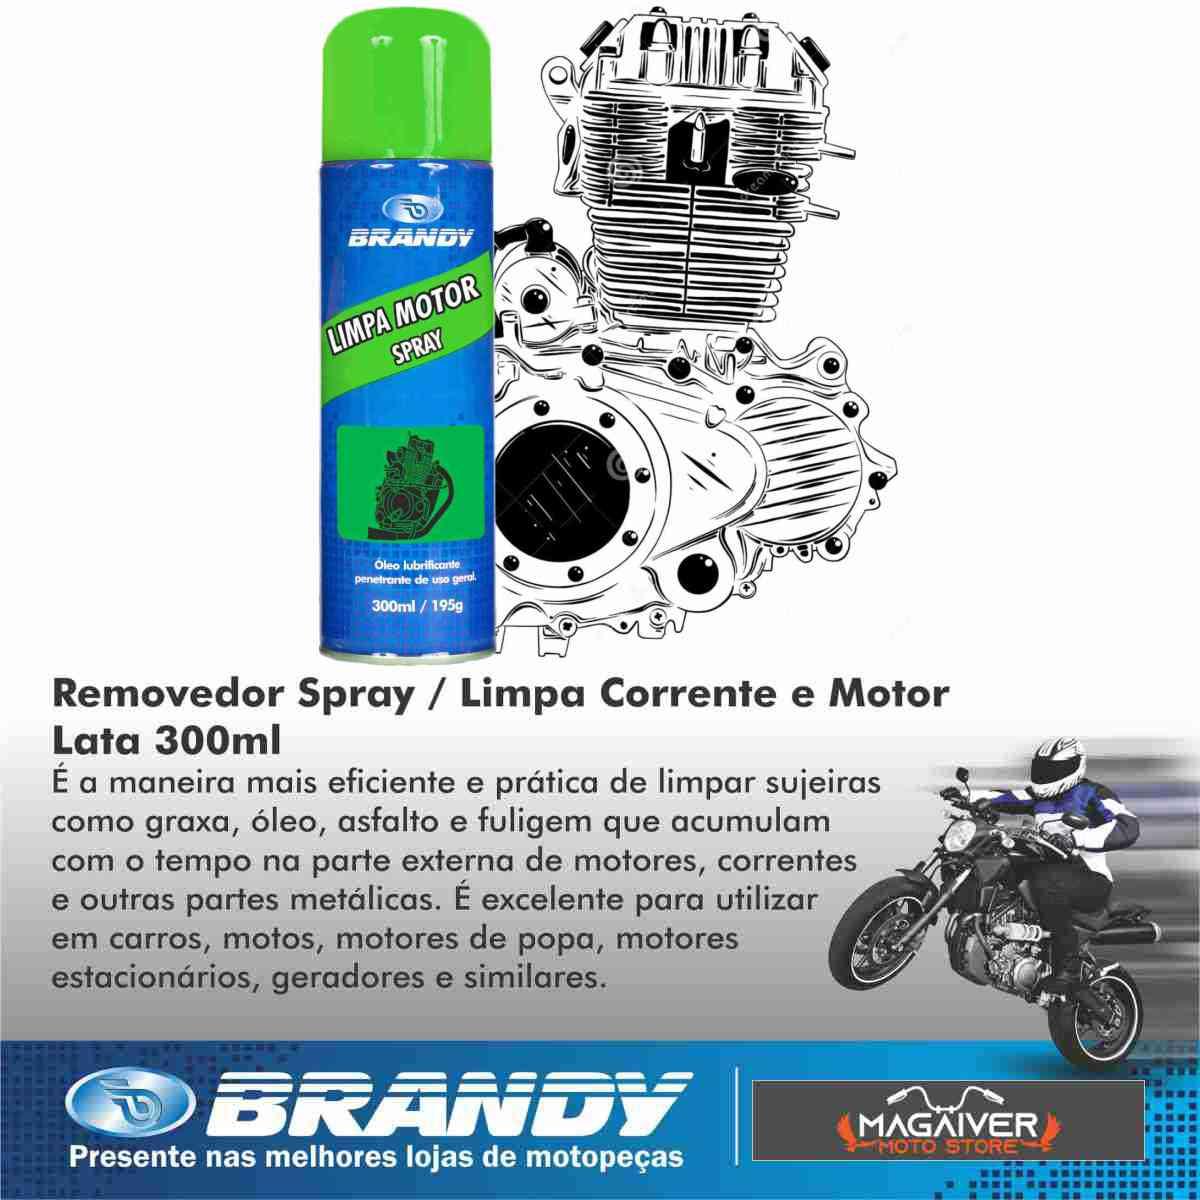 KIT 1 GRAXA MOTO SPRAY + 1 REMOVEDOR LIMPADOR CORRENTE E MOTOR + 1 REPARADOR PNEU MOTOS FURADO 190ml